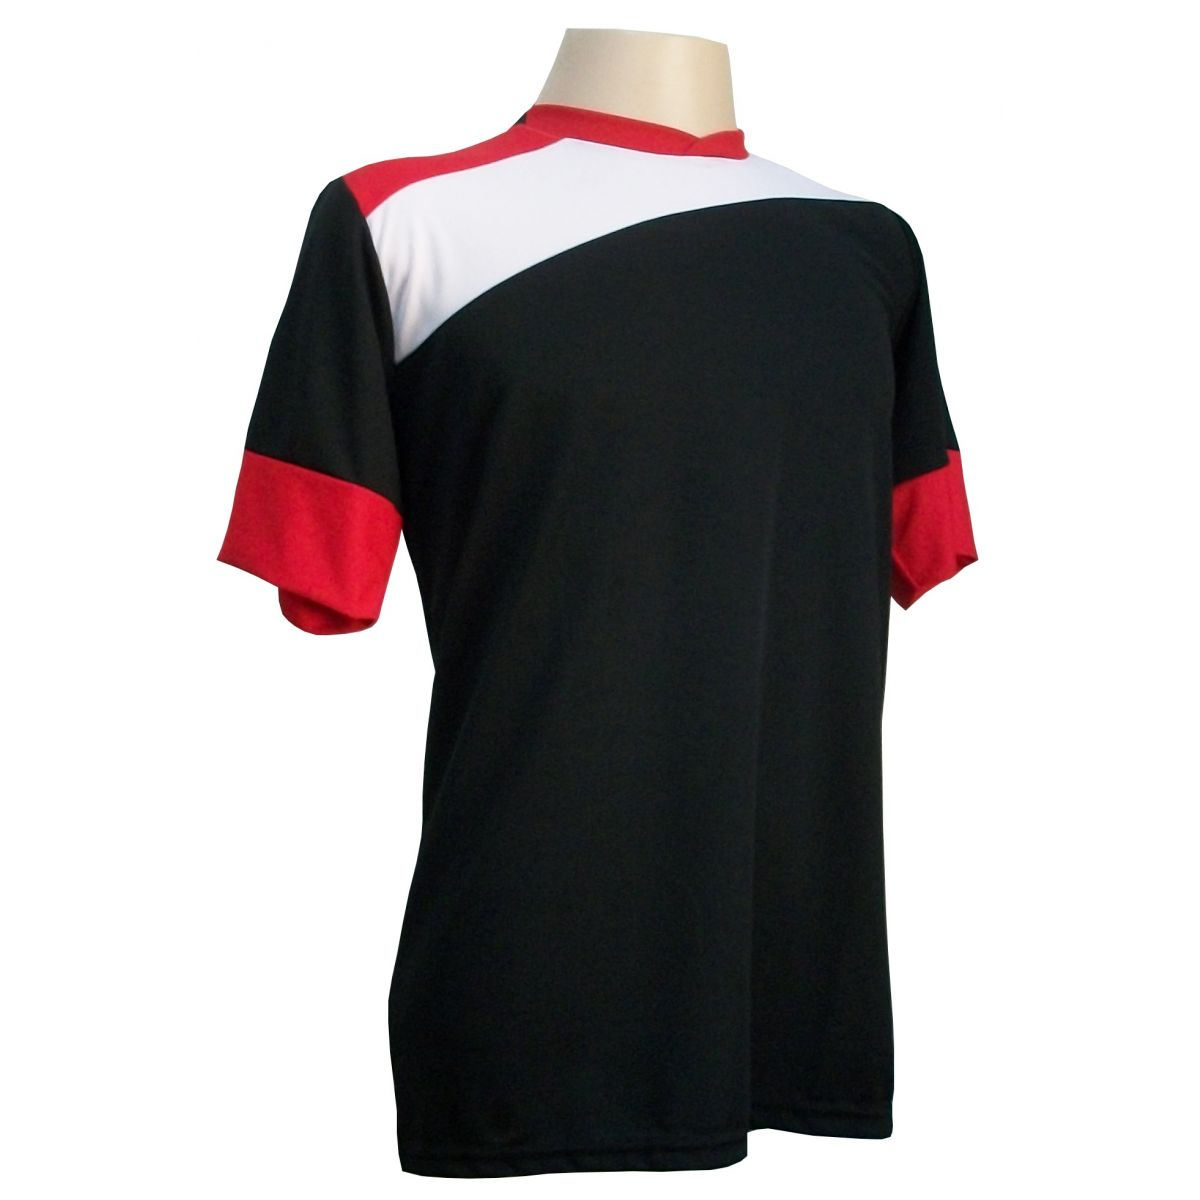 Uniforme Esportivo com 14 camisas modelo Sporting Preto/Branco/Vermelho + 14 calções modelo Madrid Preto + Brindes